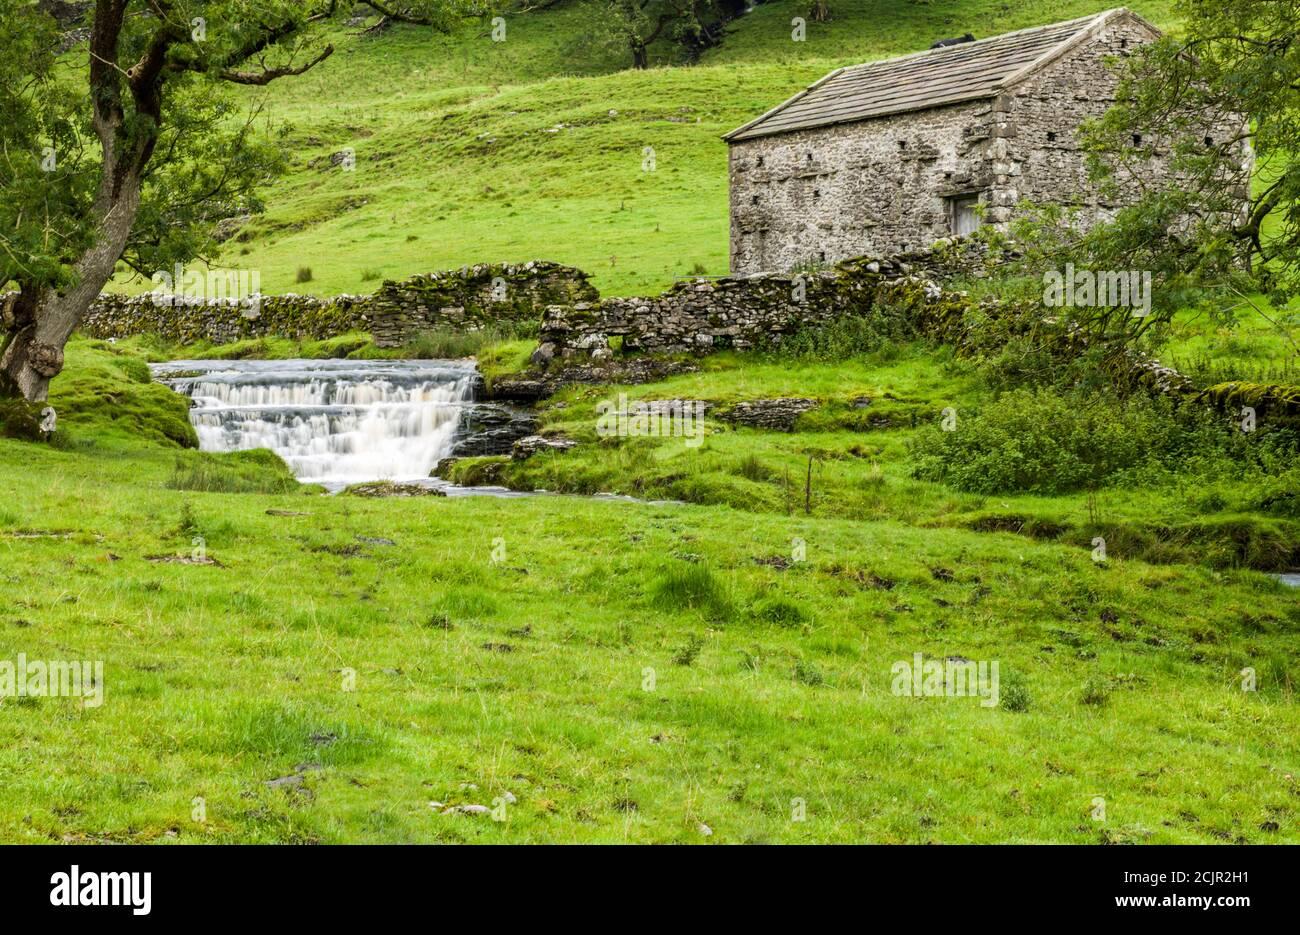 Cascada y el granero Dales en Cray, un pequeño puesto avanzado en la carretera de Upper Wharfedale a Bishopdale en el Parque Nacional de Yorkshire Dales. Foto de stock